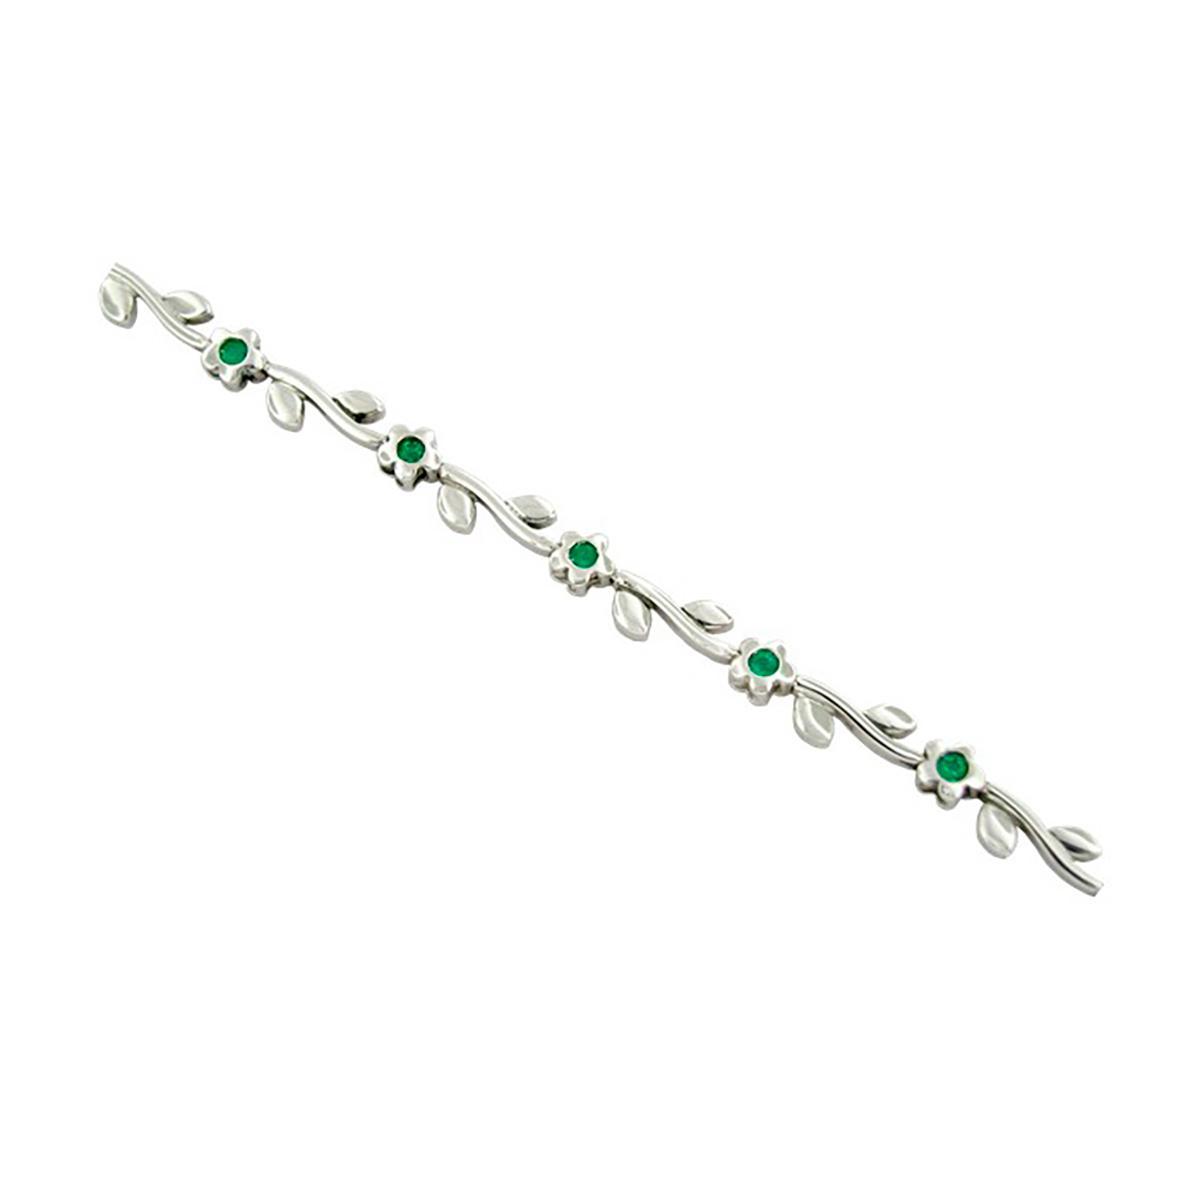 dainty-emerald-bracelet-in-18k-white-gold-flower-design